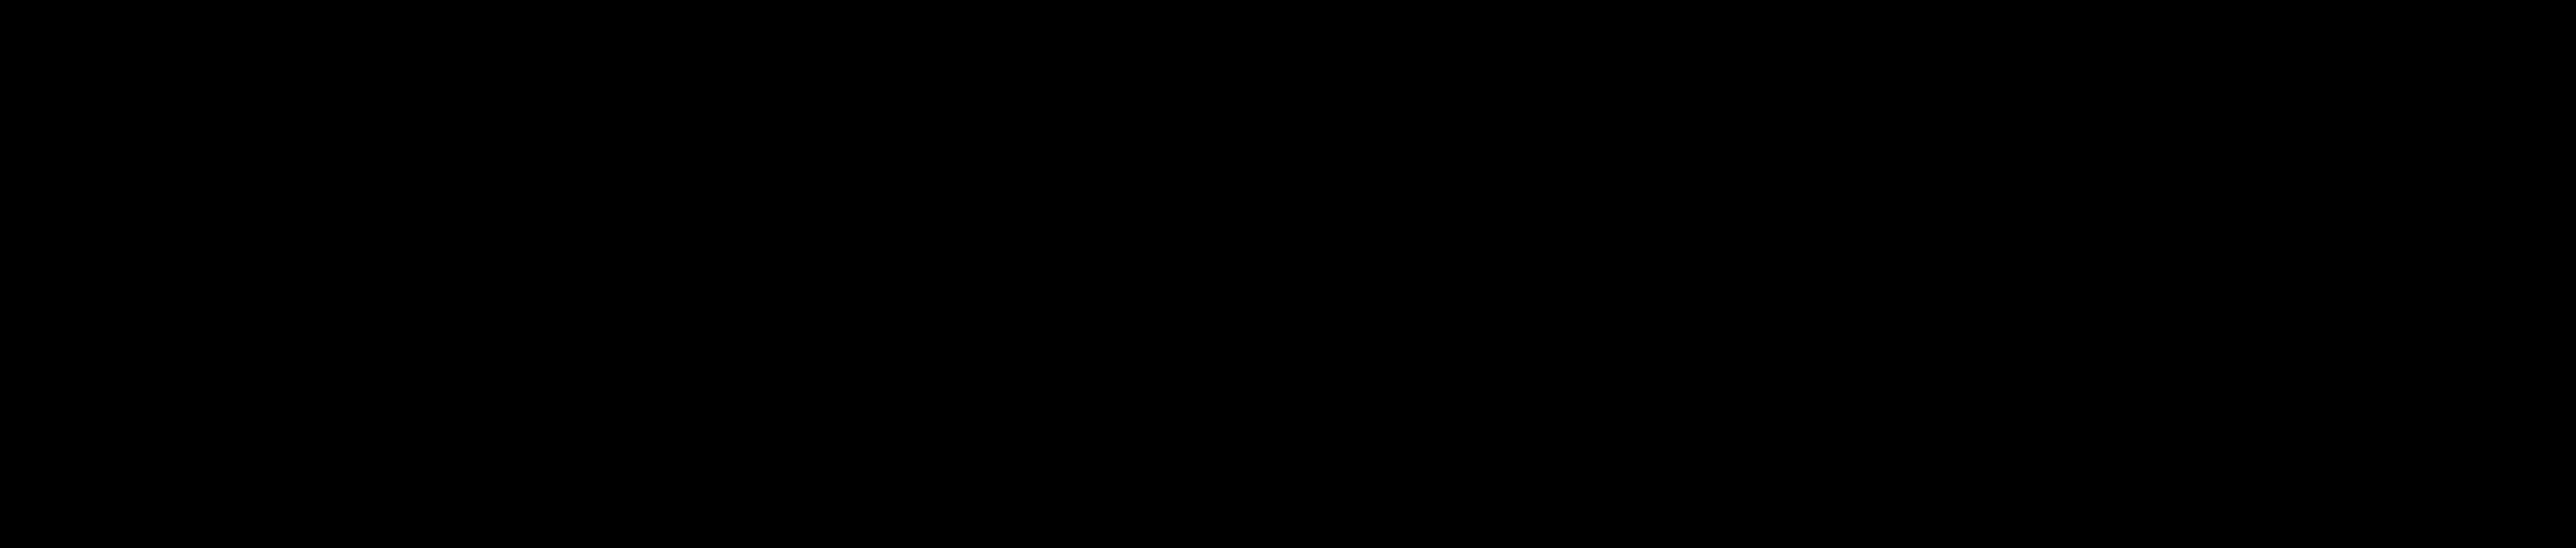 (E)-3-(4-Methoxy-d<sub>3</sub>-benzylidene)-7-(6-(1,2,3,4-tetrahydroacridin-9-ylamino)hexyloxy)chroman-4-one